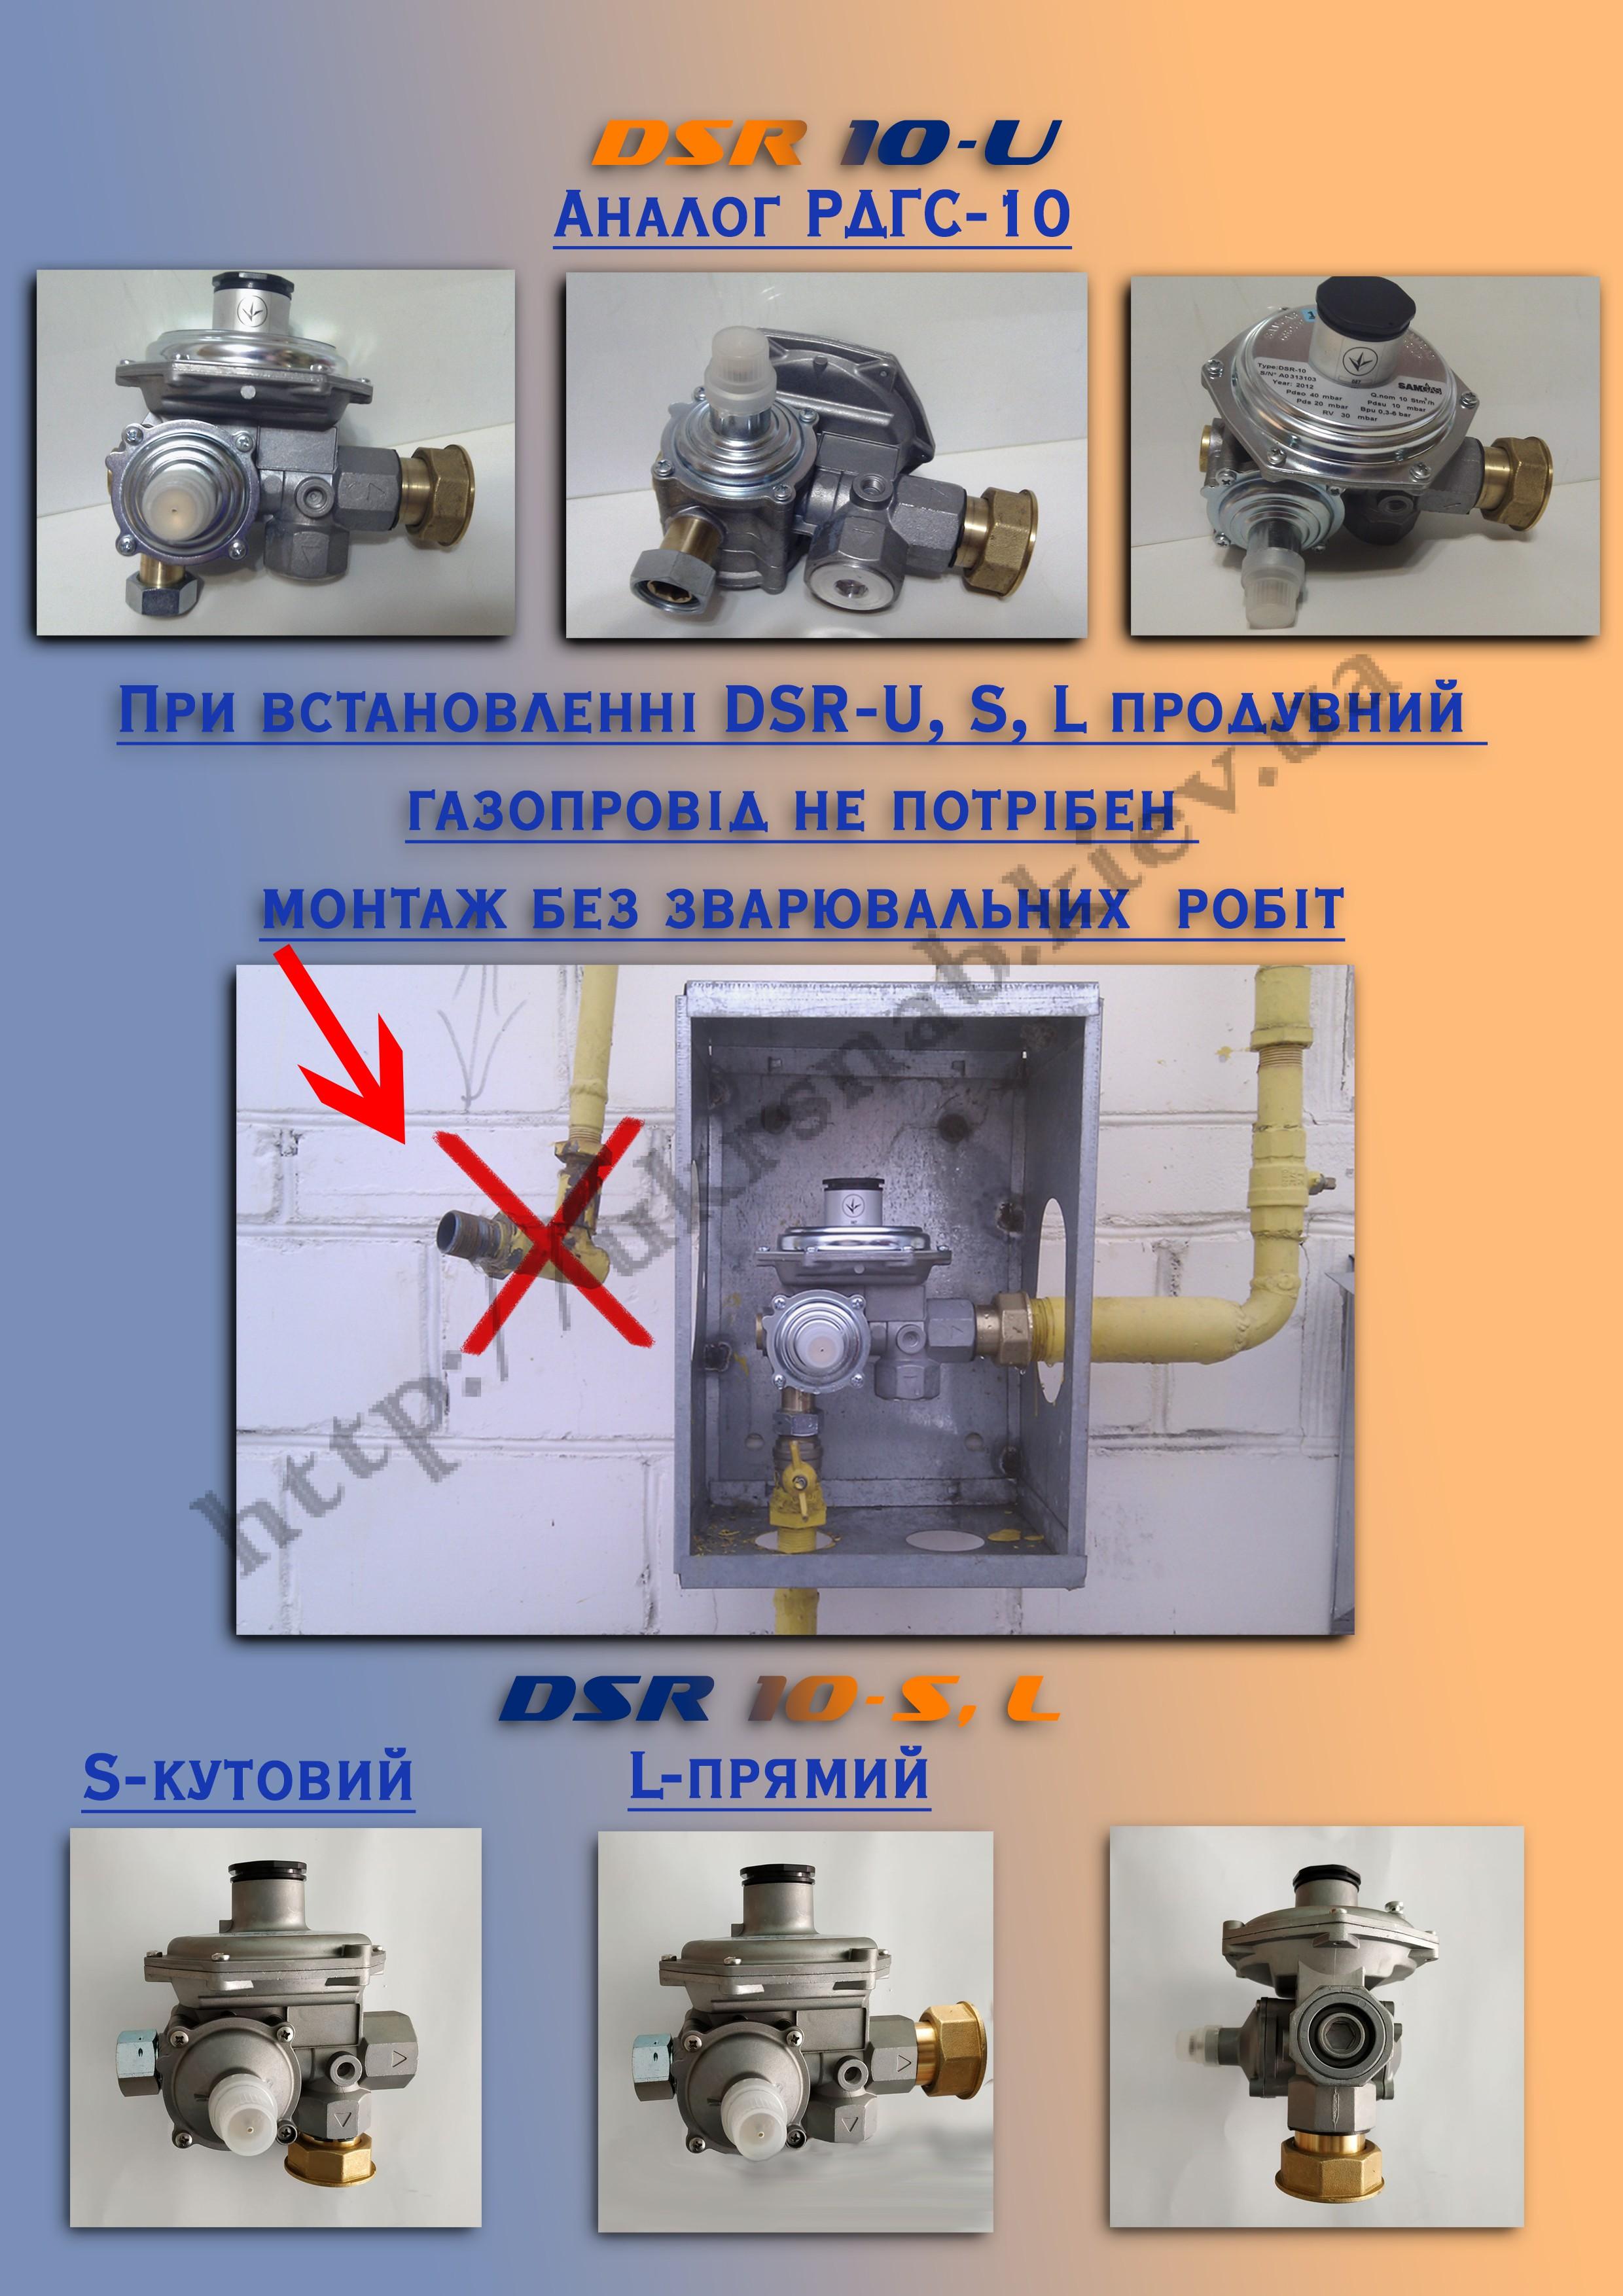 Купить в Киеве DSR 10U, DSR 10S, DSR 10L вместо редуктора РДГС-10 на замену